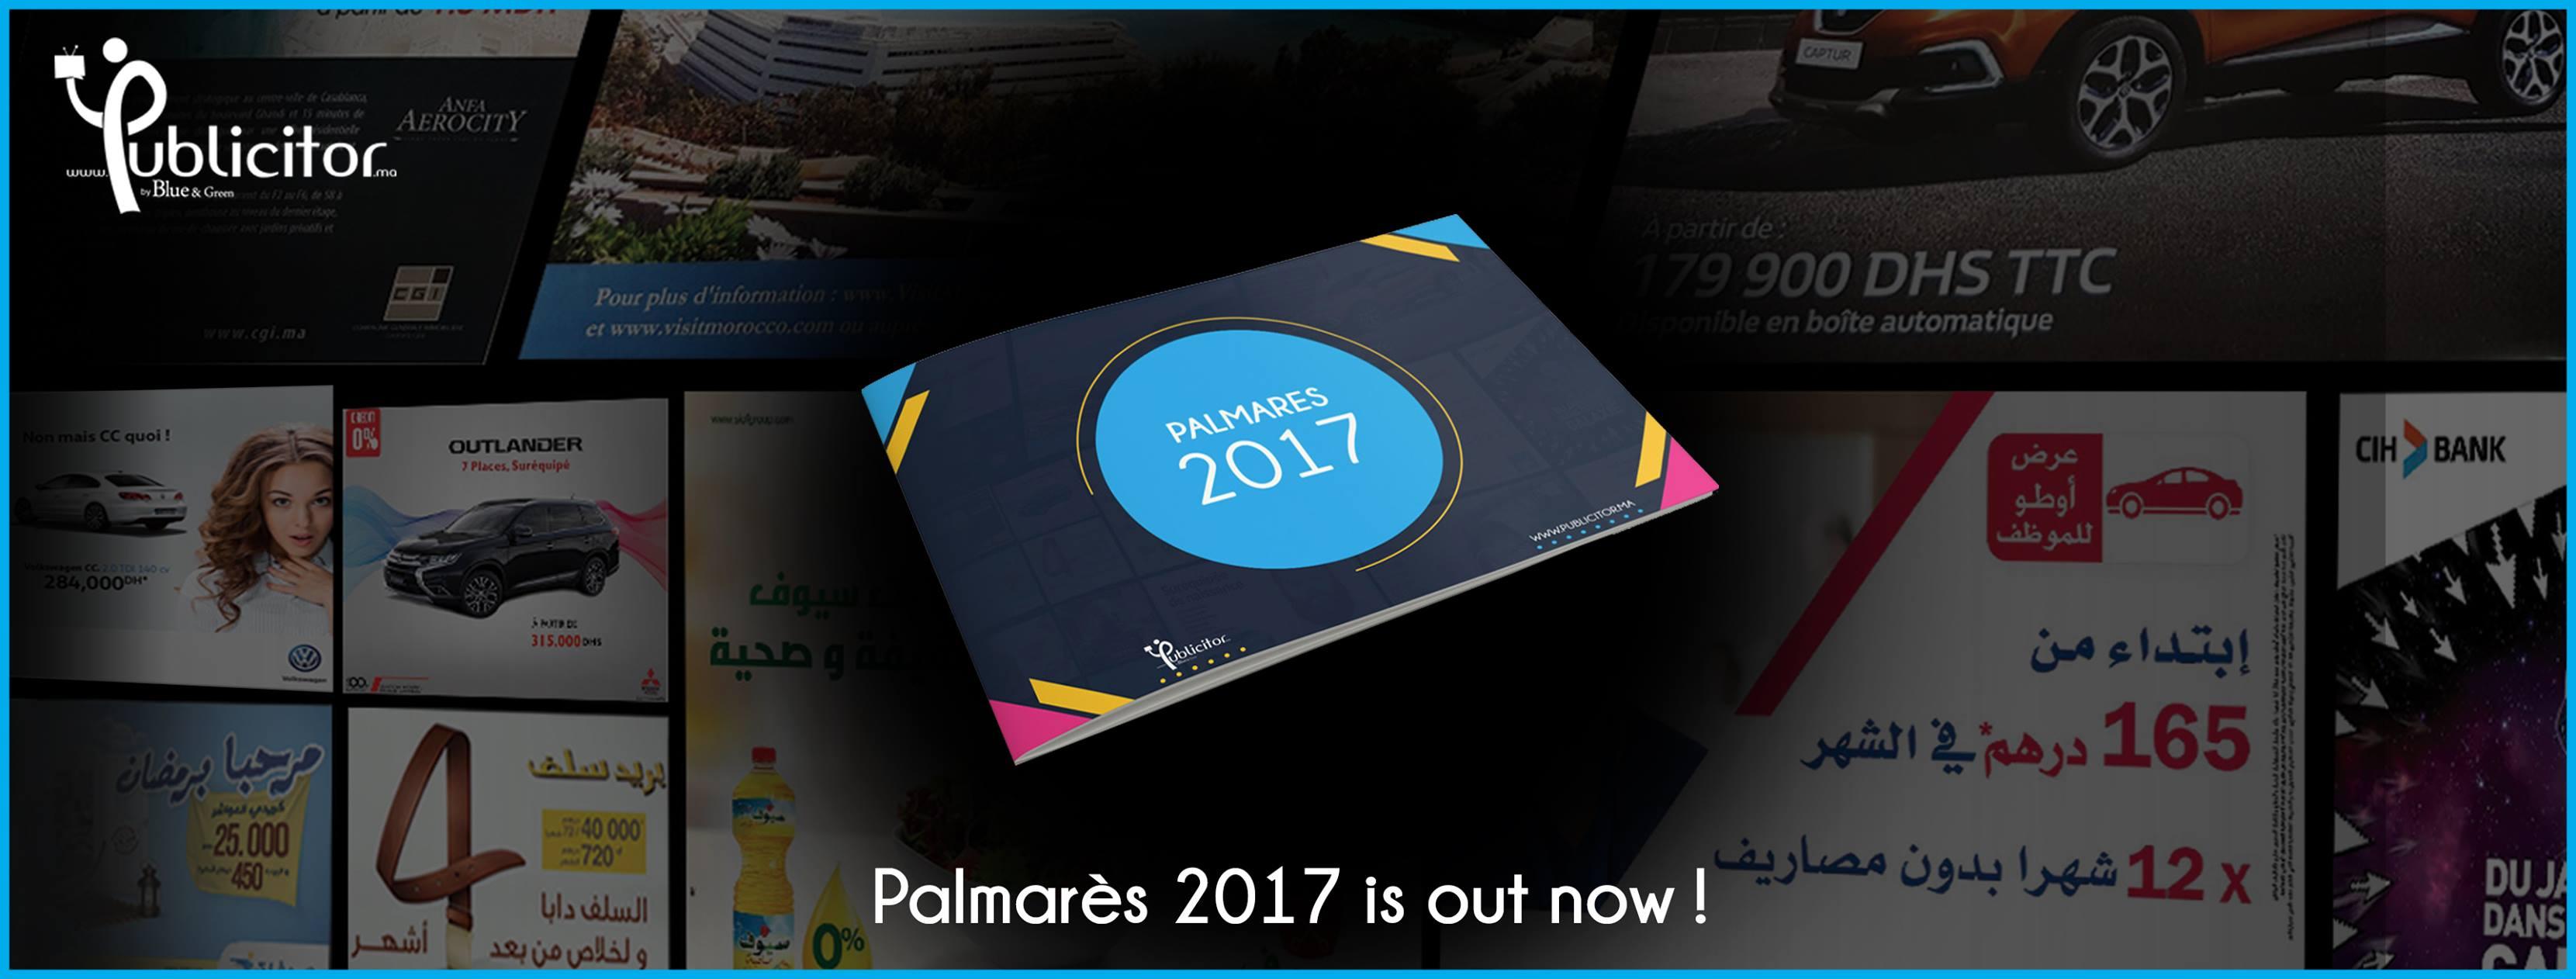 Palmares Publicitor 2017